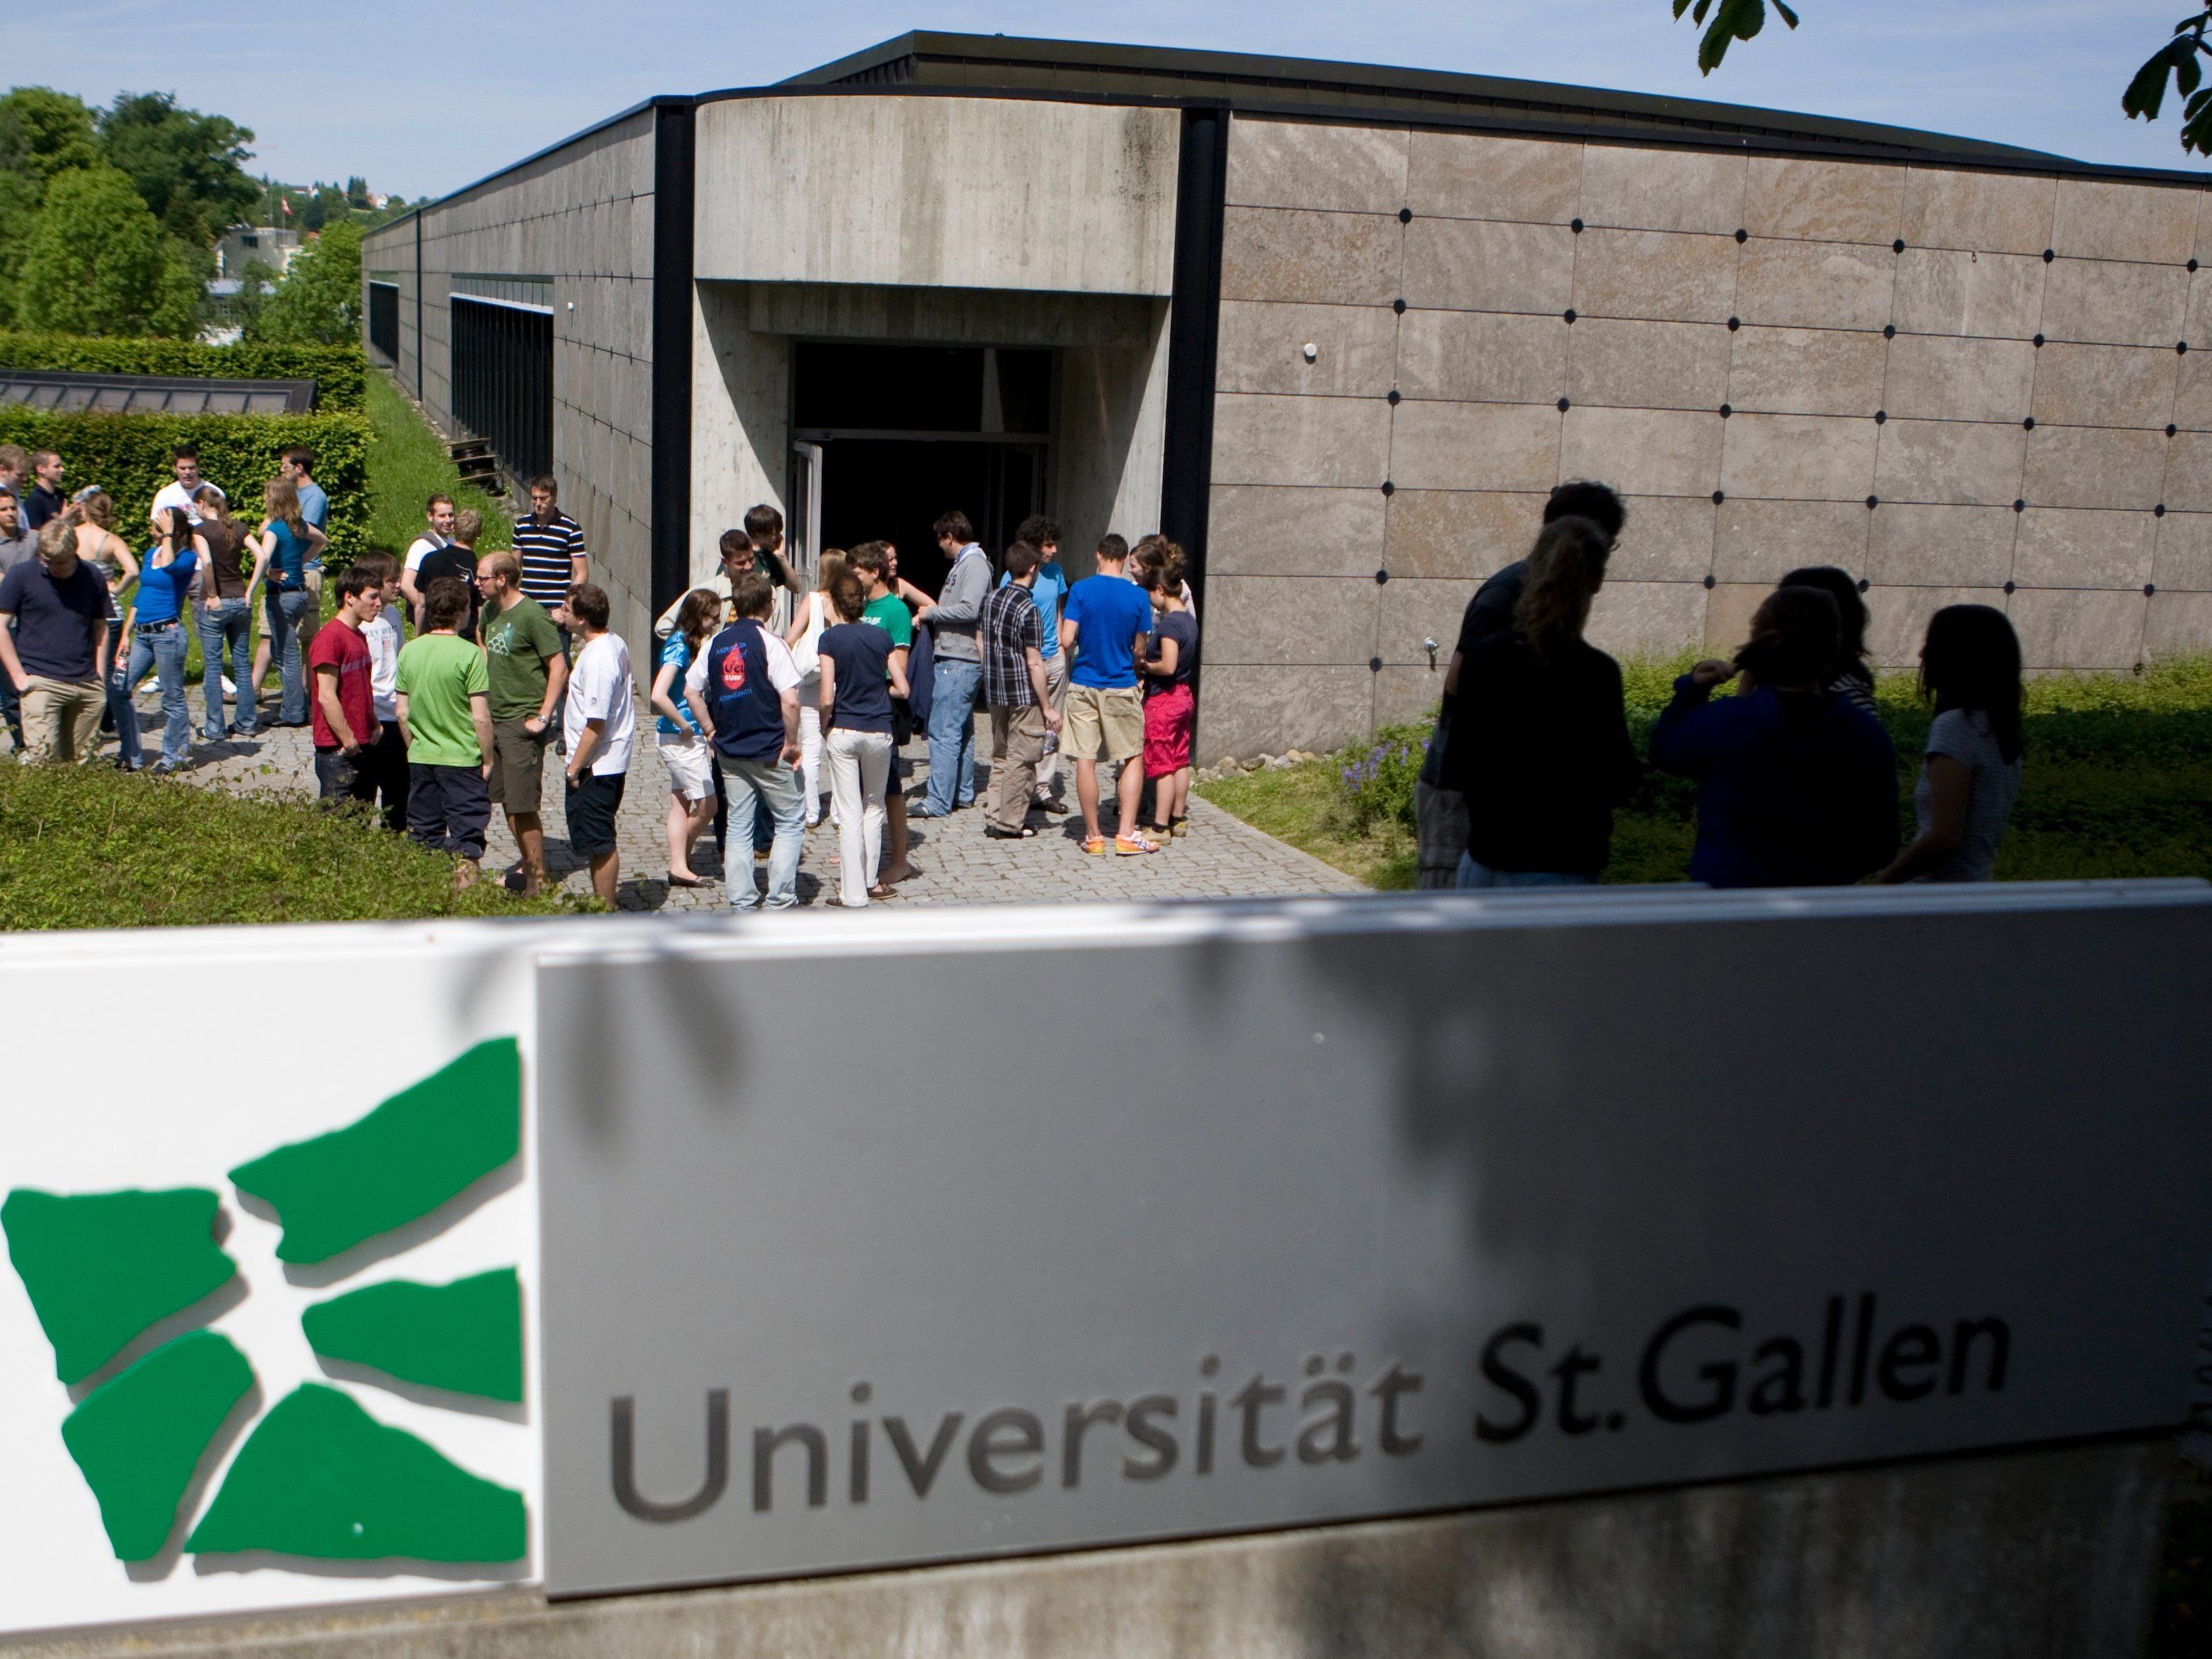 Eine Präsentation mit Stripperin war der Uni St. Gallen zu freizügig.